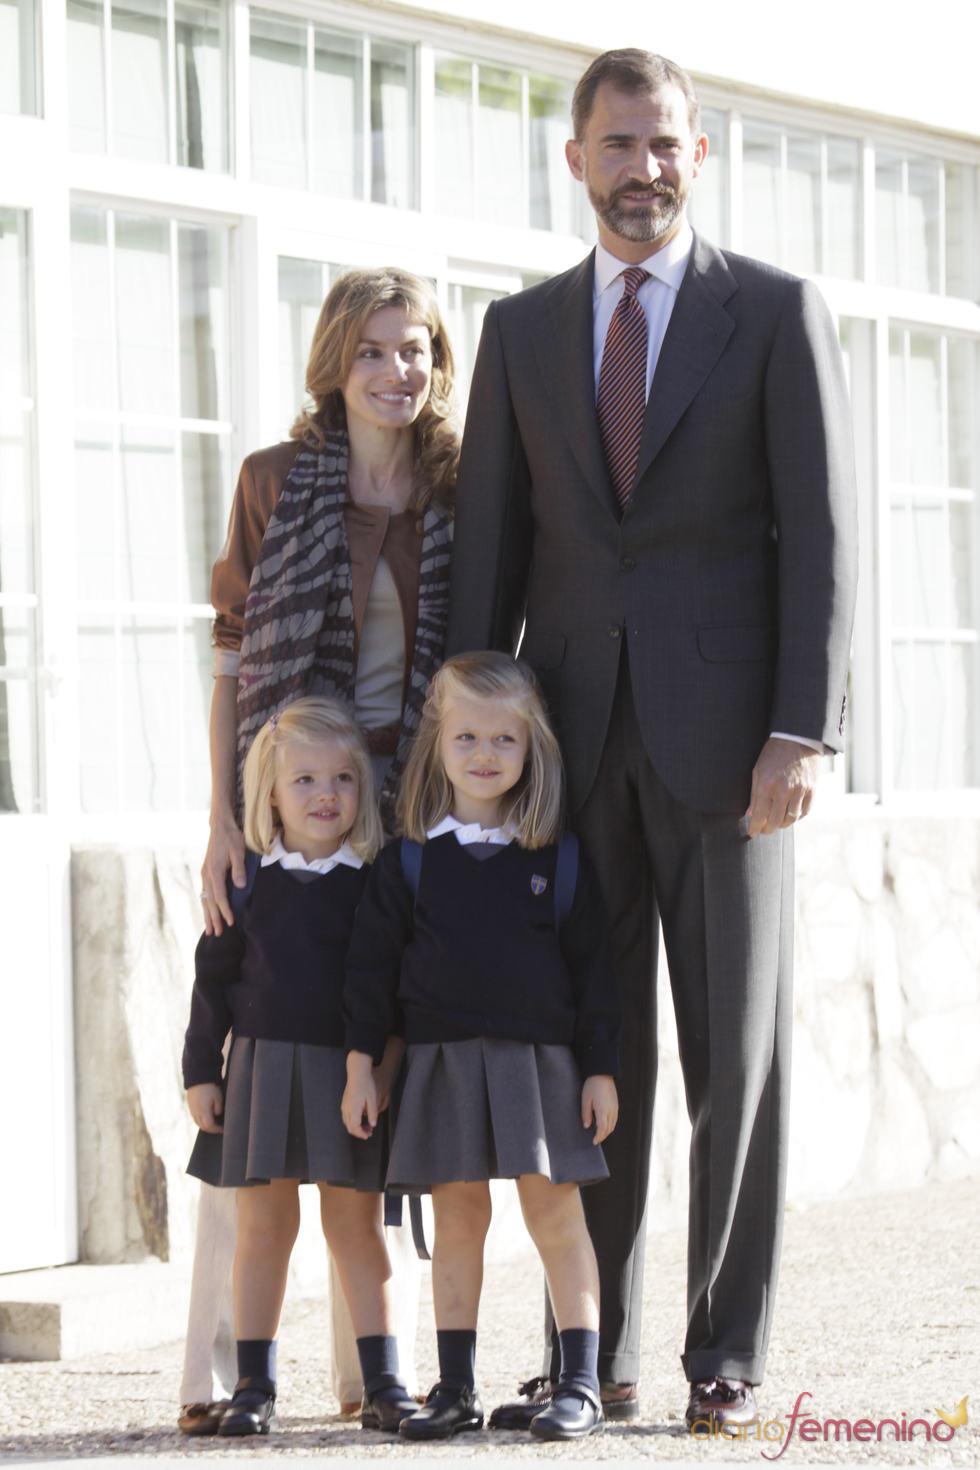 La familia de los príncipes de Asturias acuden juntos al primer día de vuelta al colegio